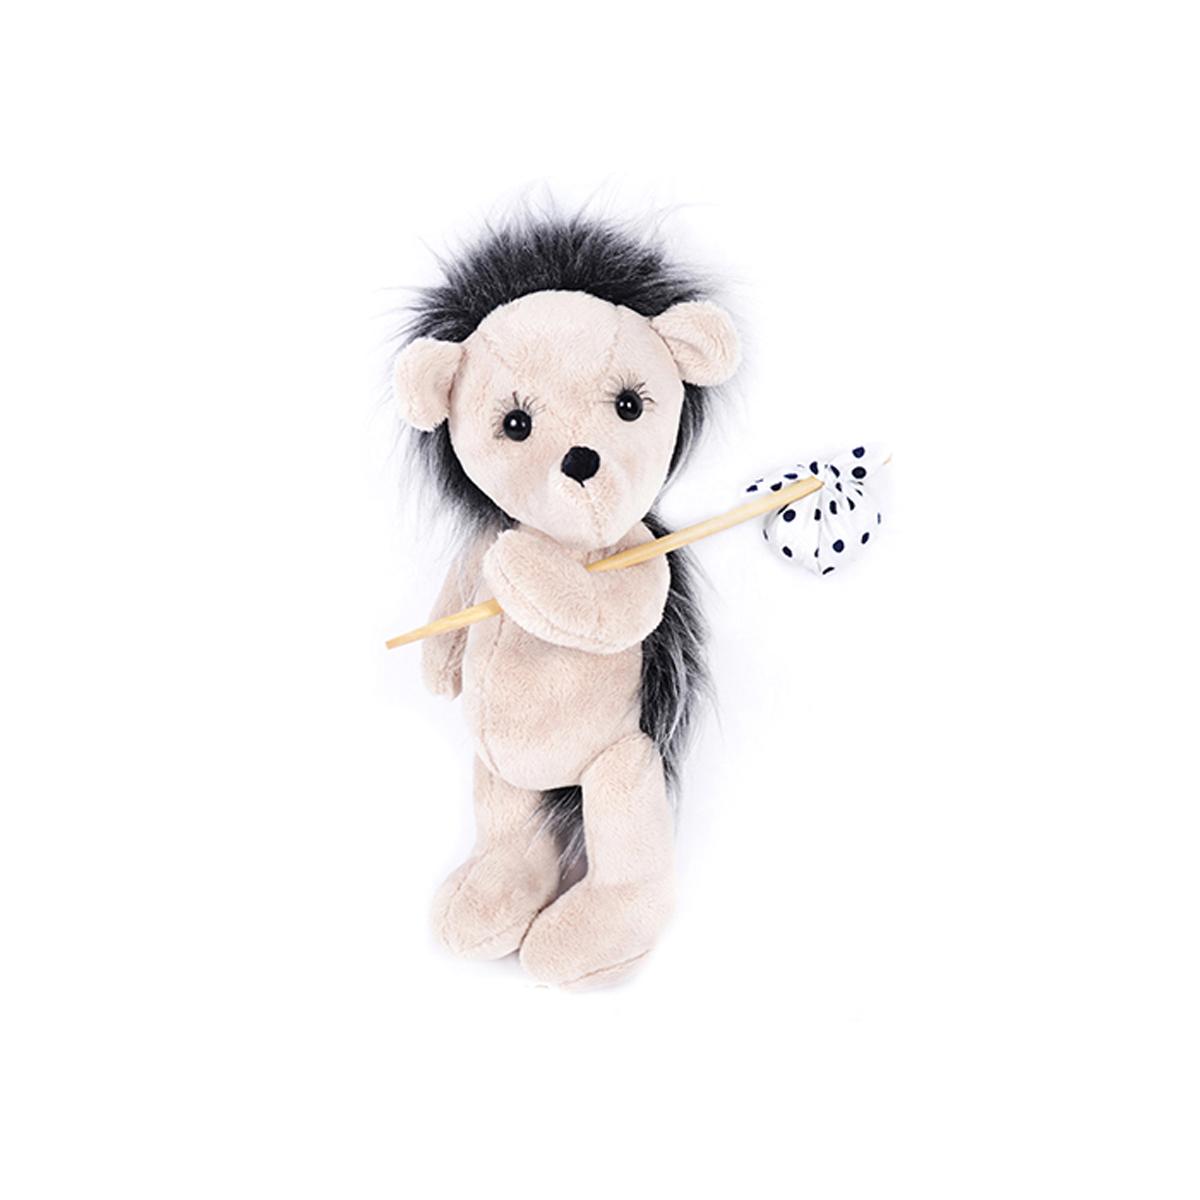 Набор для шитья игрушек Мехомания Ёжик-путешественник, 25 см. ММ-006484781Набор Мехомания содержит необходимые материалы для изготовления игрушки из меха: - материалы для шитья: мех, подвижные крепления, глазки, ресницы, шерсть для вышивки носа. Ткань, подвеска или кружево для аксессуара. - выкройка и раскладка. - подробный мастер-класс с пошаговой инструкцией по шитью игрушки. - выкройка и мастер-класс для аксессуаров. Дополнительно потребуется: наполнитель, нитки, иголка.